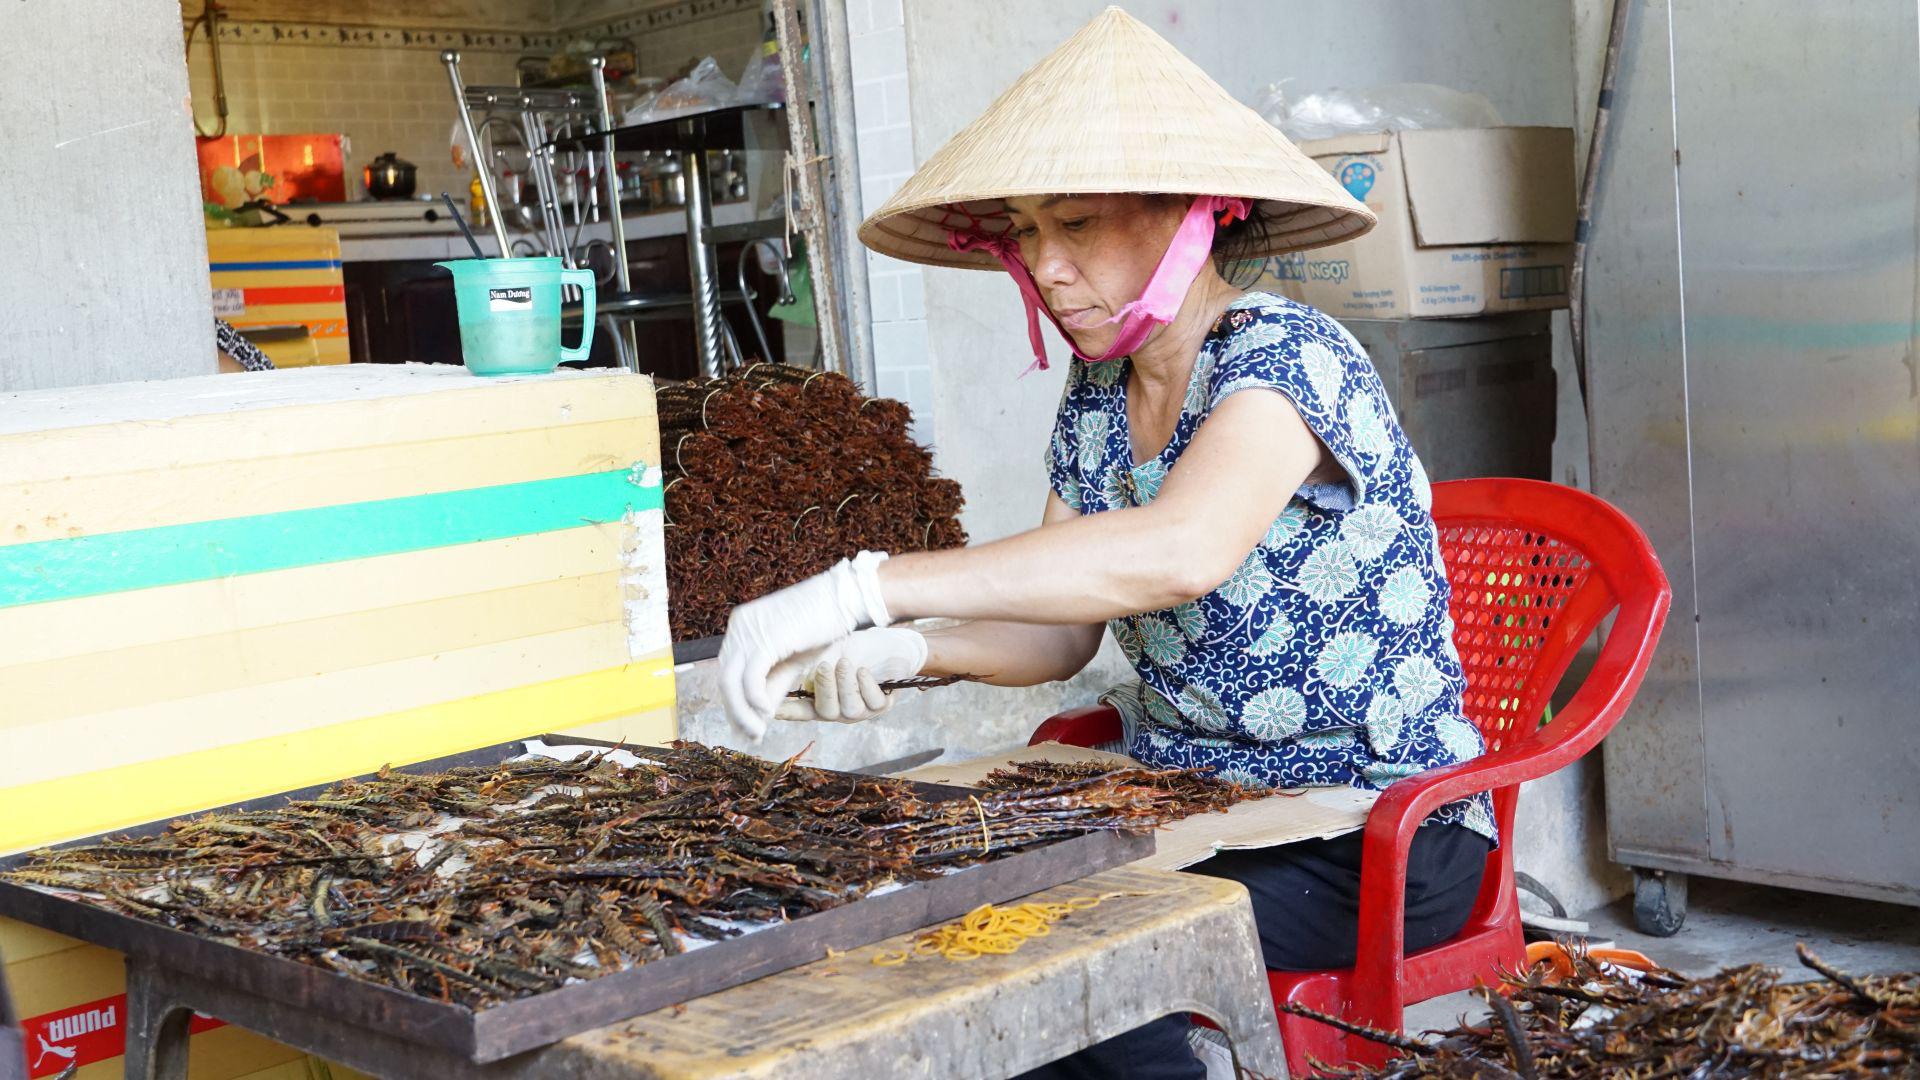 Tây Ninh: Nuôi những con rết to như ngón tay, nhìn phát ghê, thương lái Trung Quốc mua tiền triệu/kg - Ảnh 4.